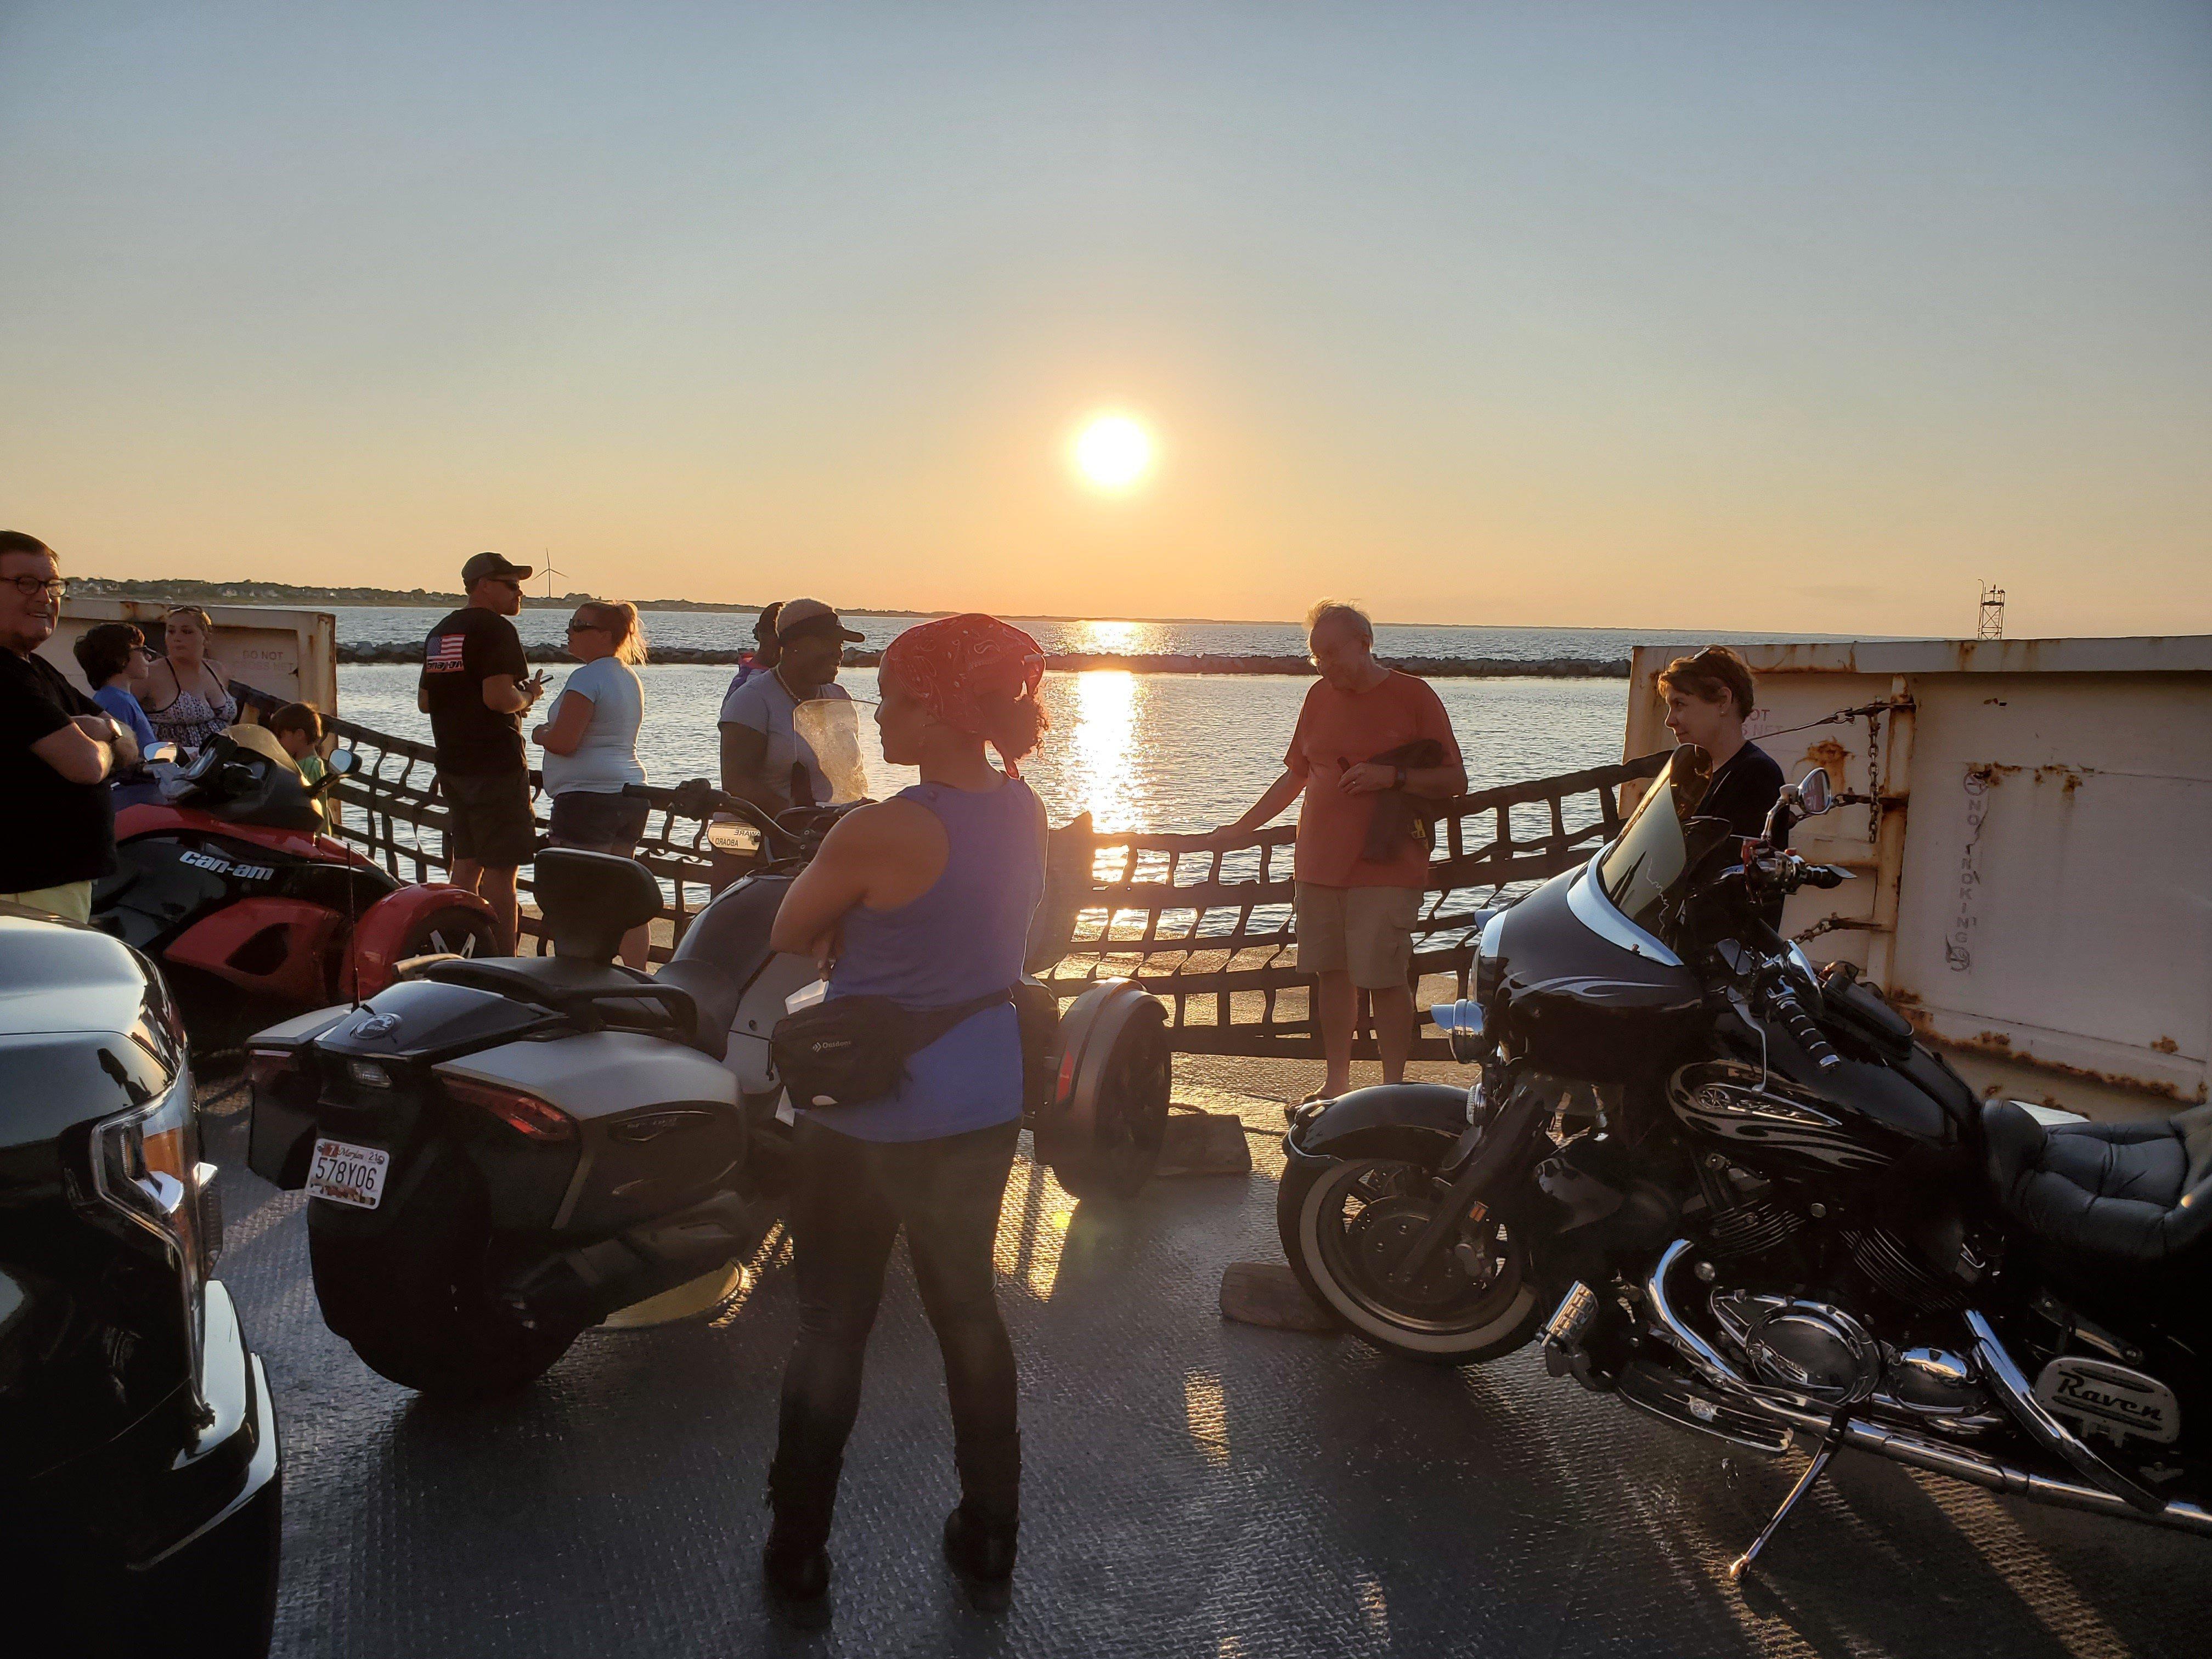 https://0201.nccdn.net/1_2/000/000/0e4/22c/ferry-night.jpg